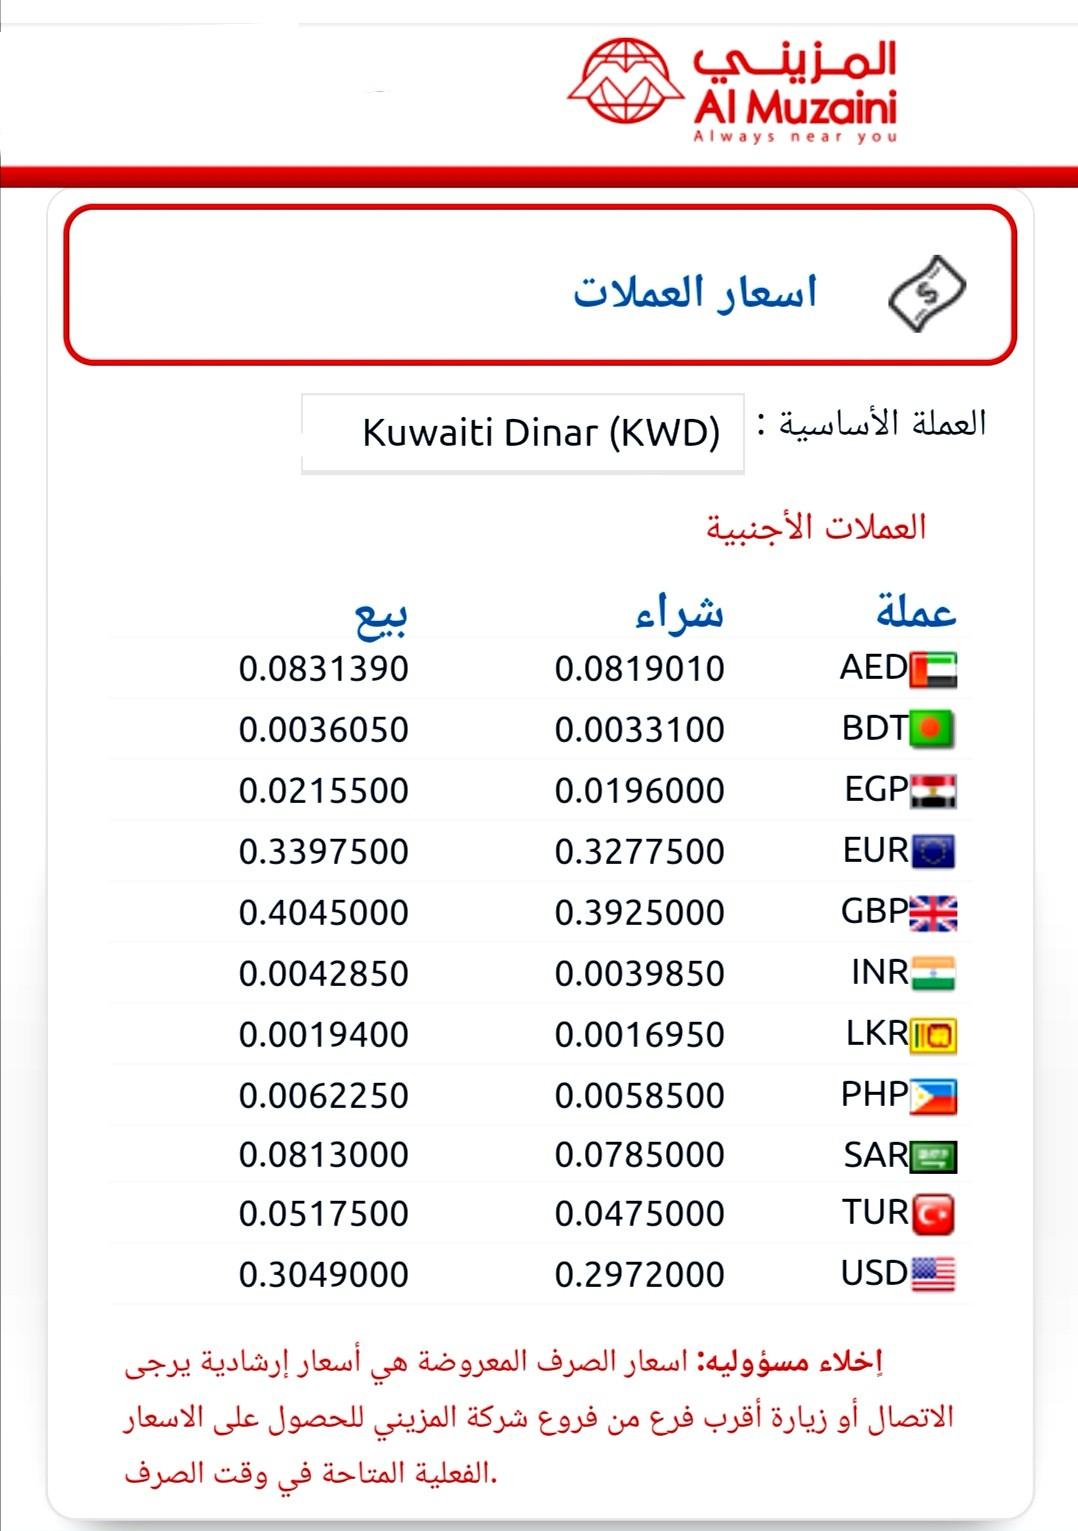 سعر الالف المصري في صرافة المزيني اليوم